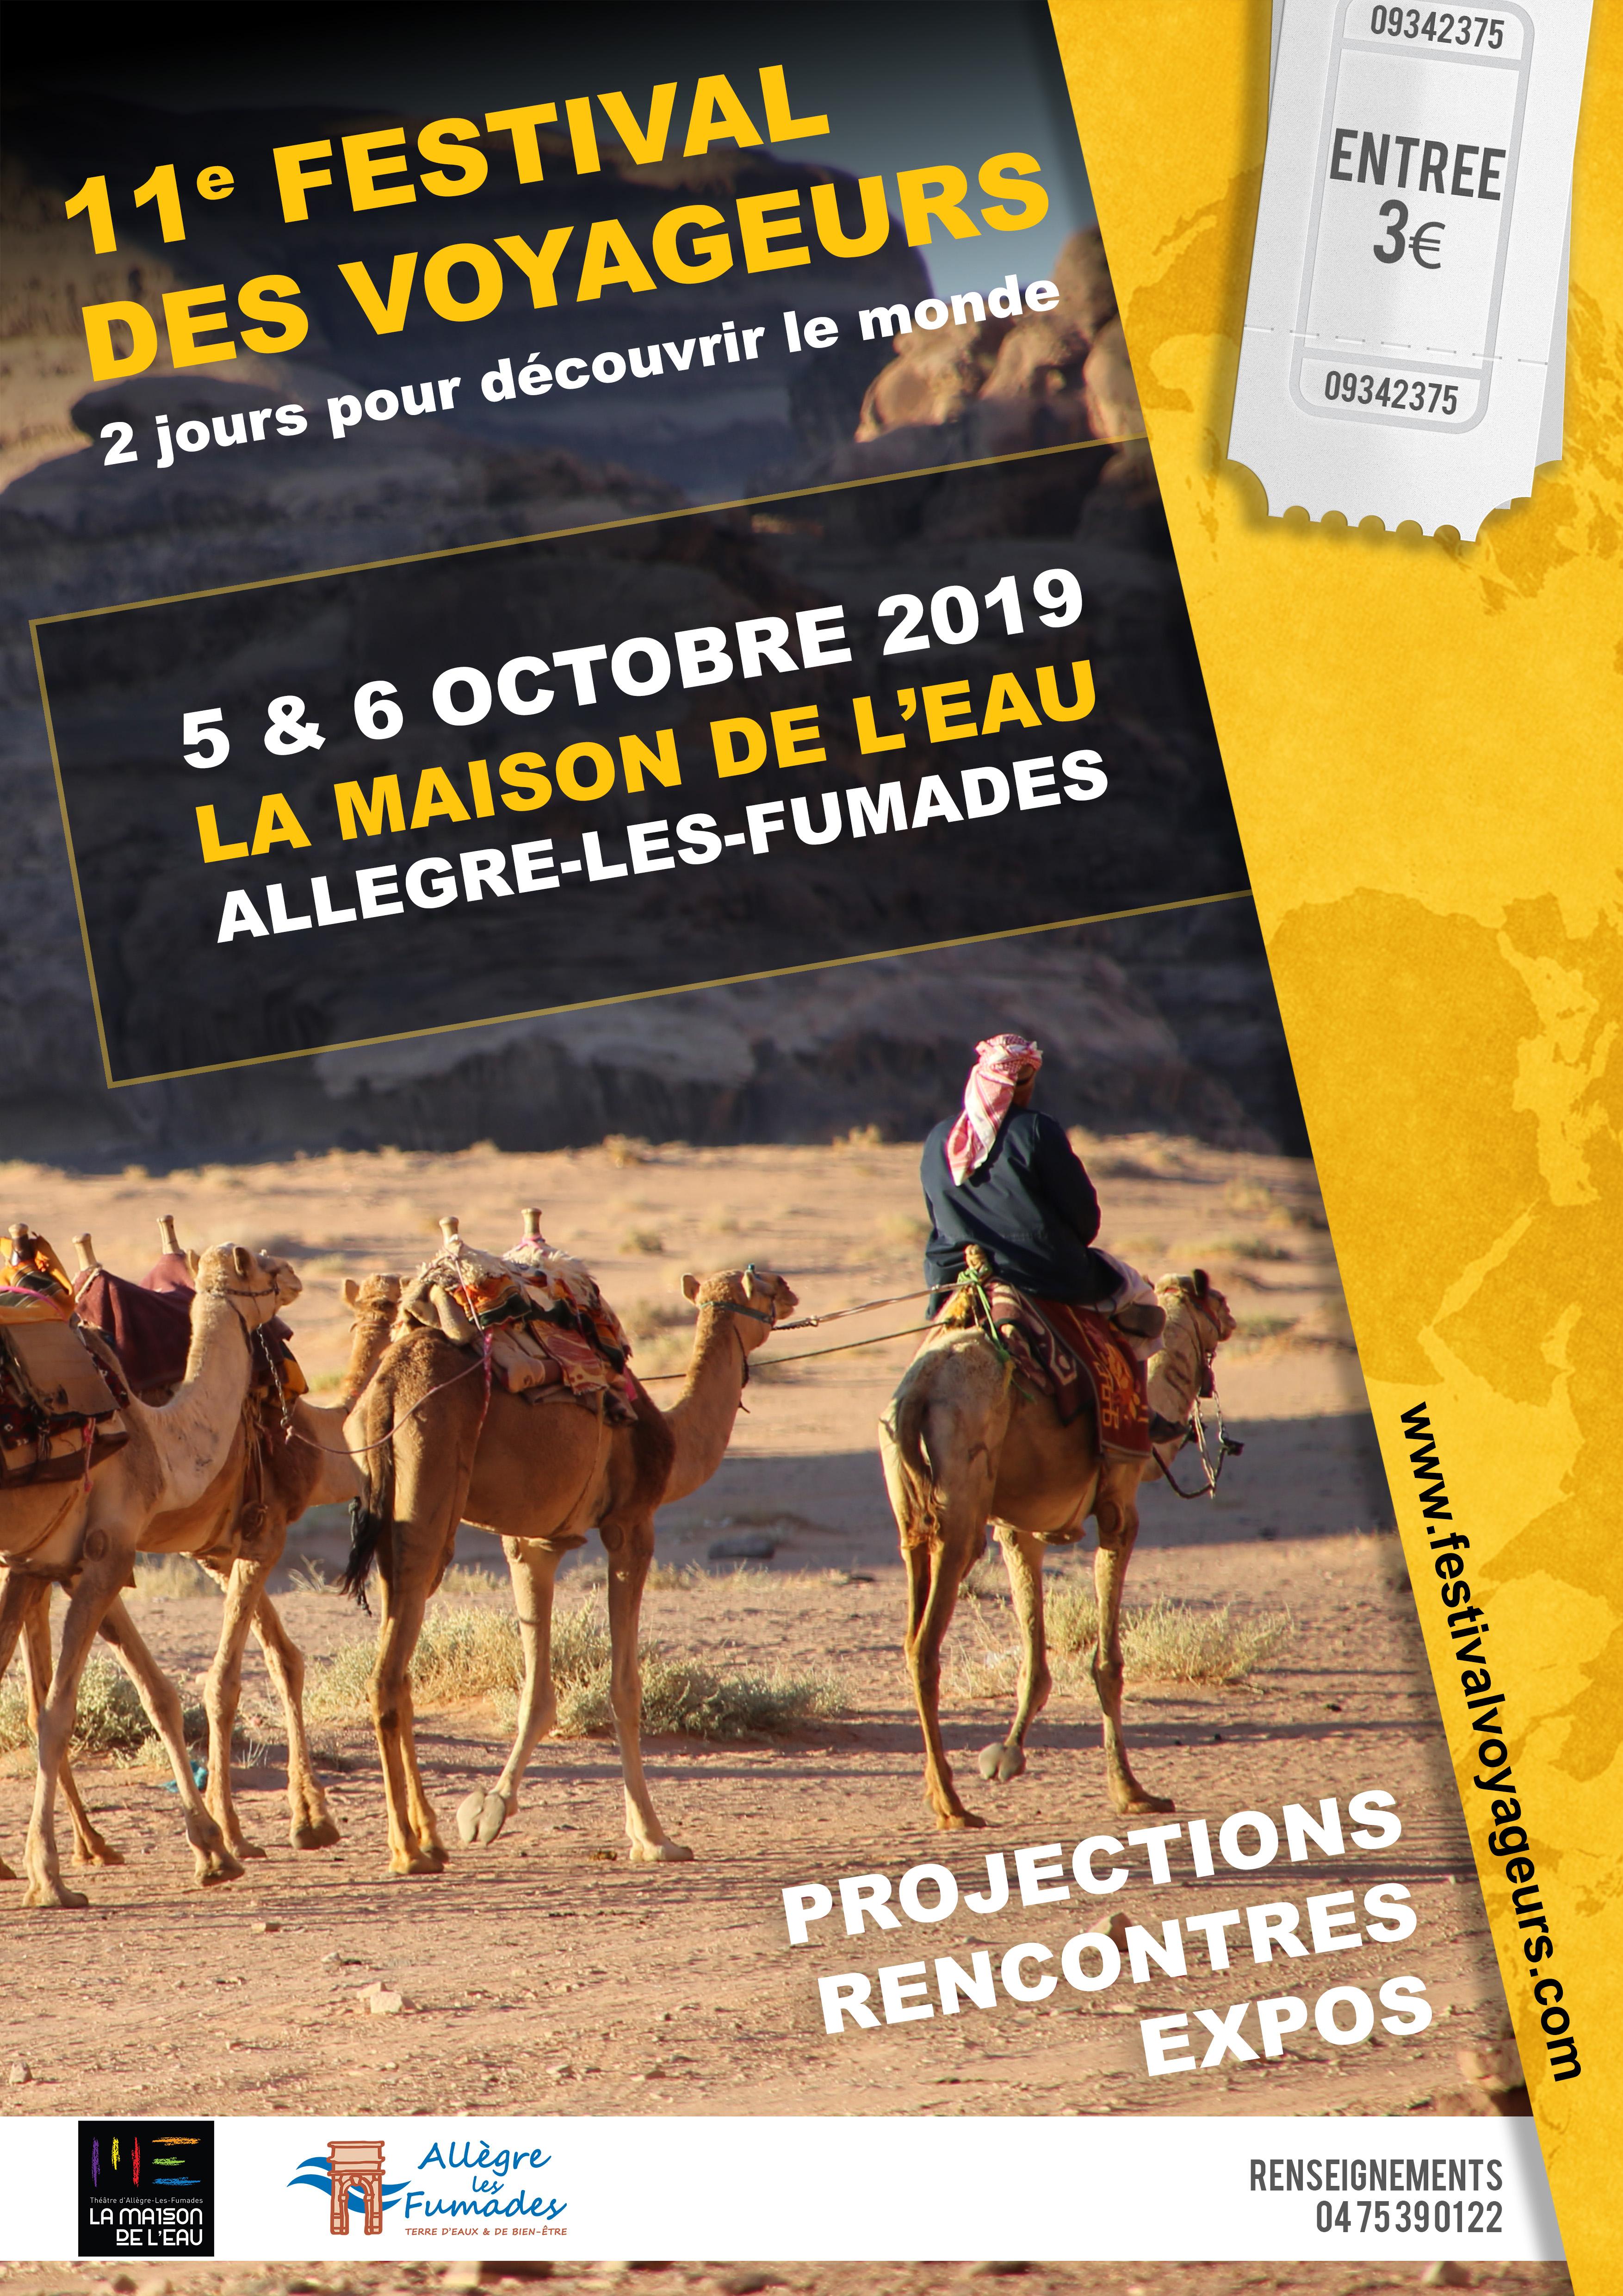 Projection Festival des Voyageurs à Allègre-les-Fumades (30) le 6 octobre 2019 à 16h30